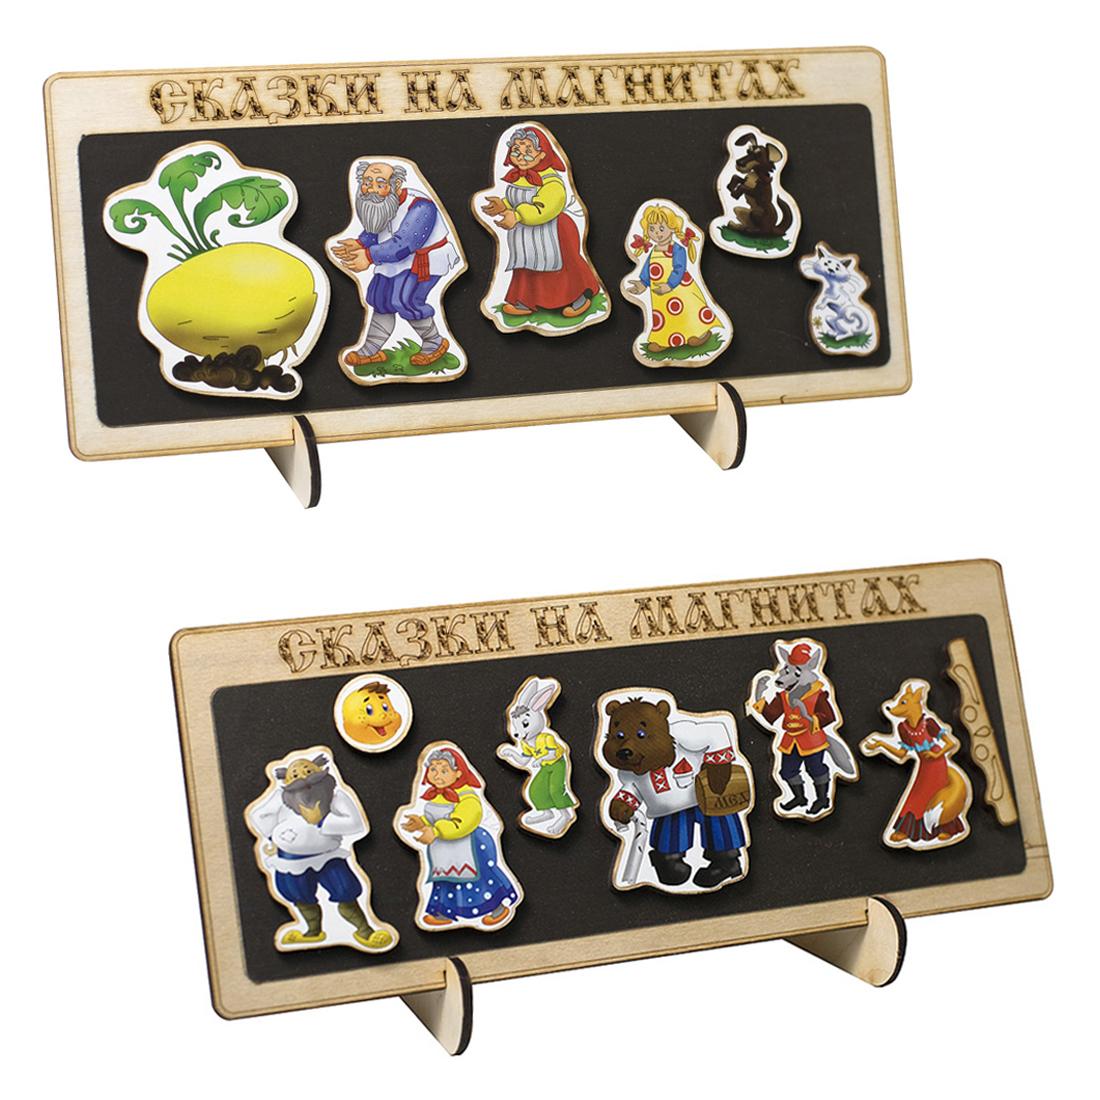 Купить Сказки на магнитах Репка + Сказки на магнитах Колобок, Нескучные Игры,